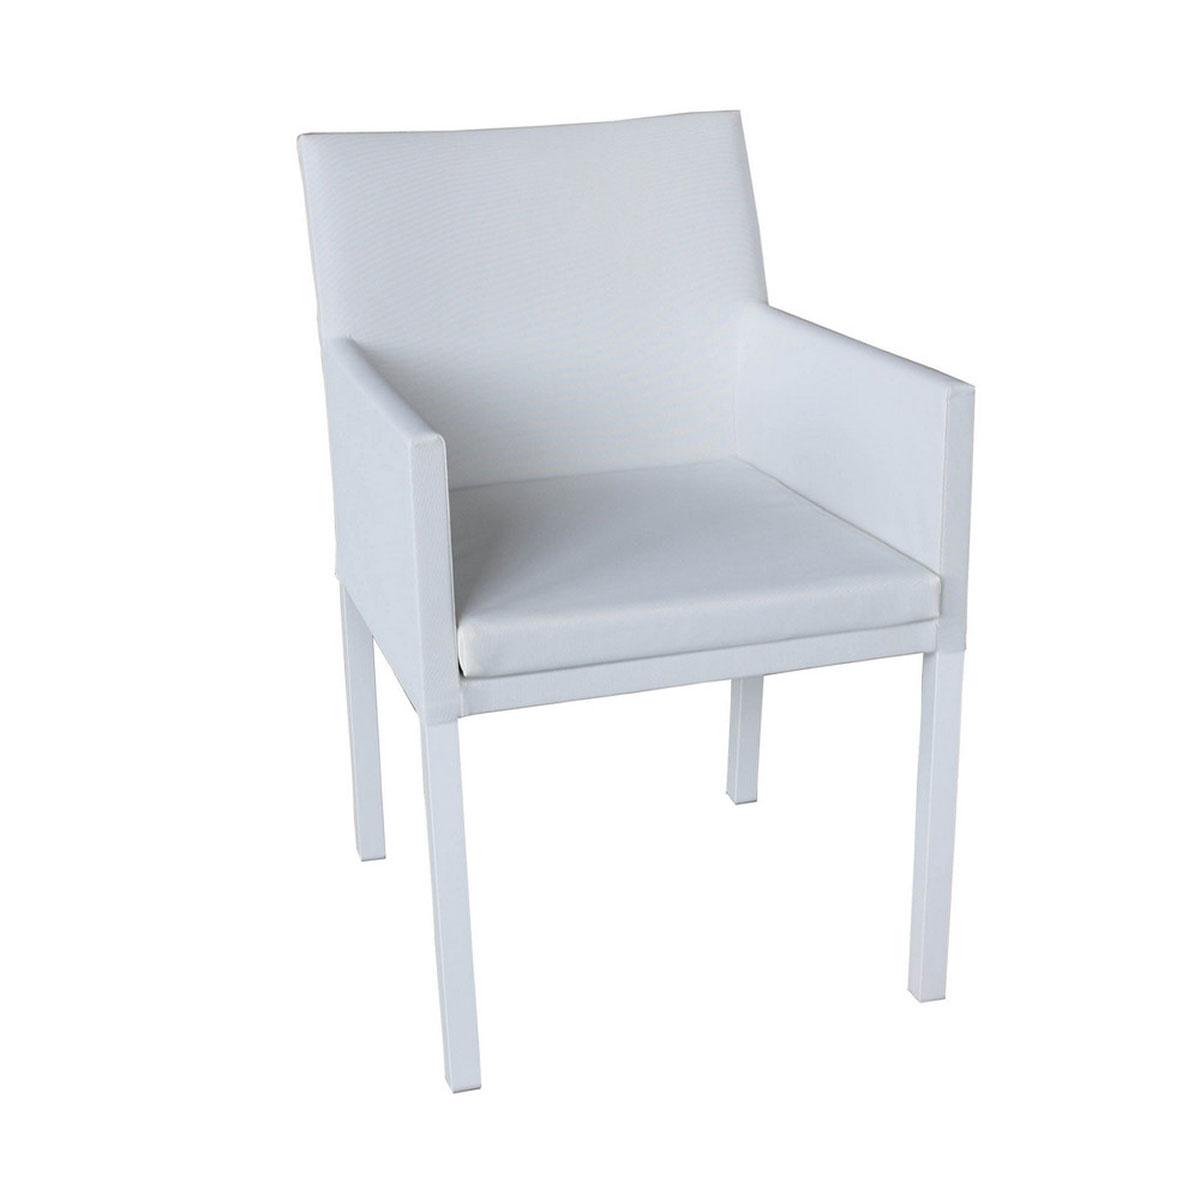 Chaise à manger en textilène - Blanc - 54.00 cm x 62.00 cm x 84.00 cm